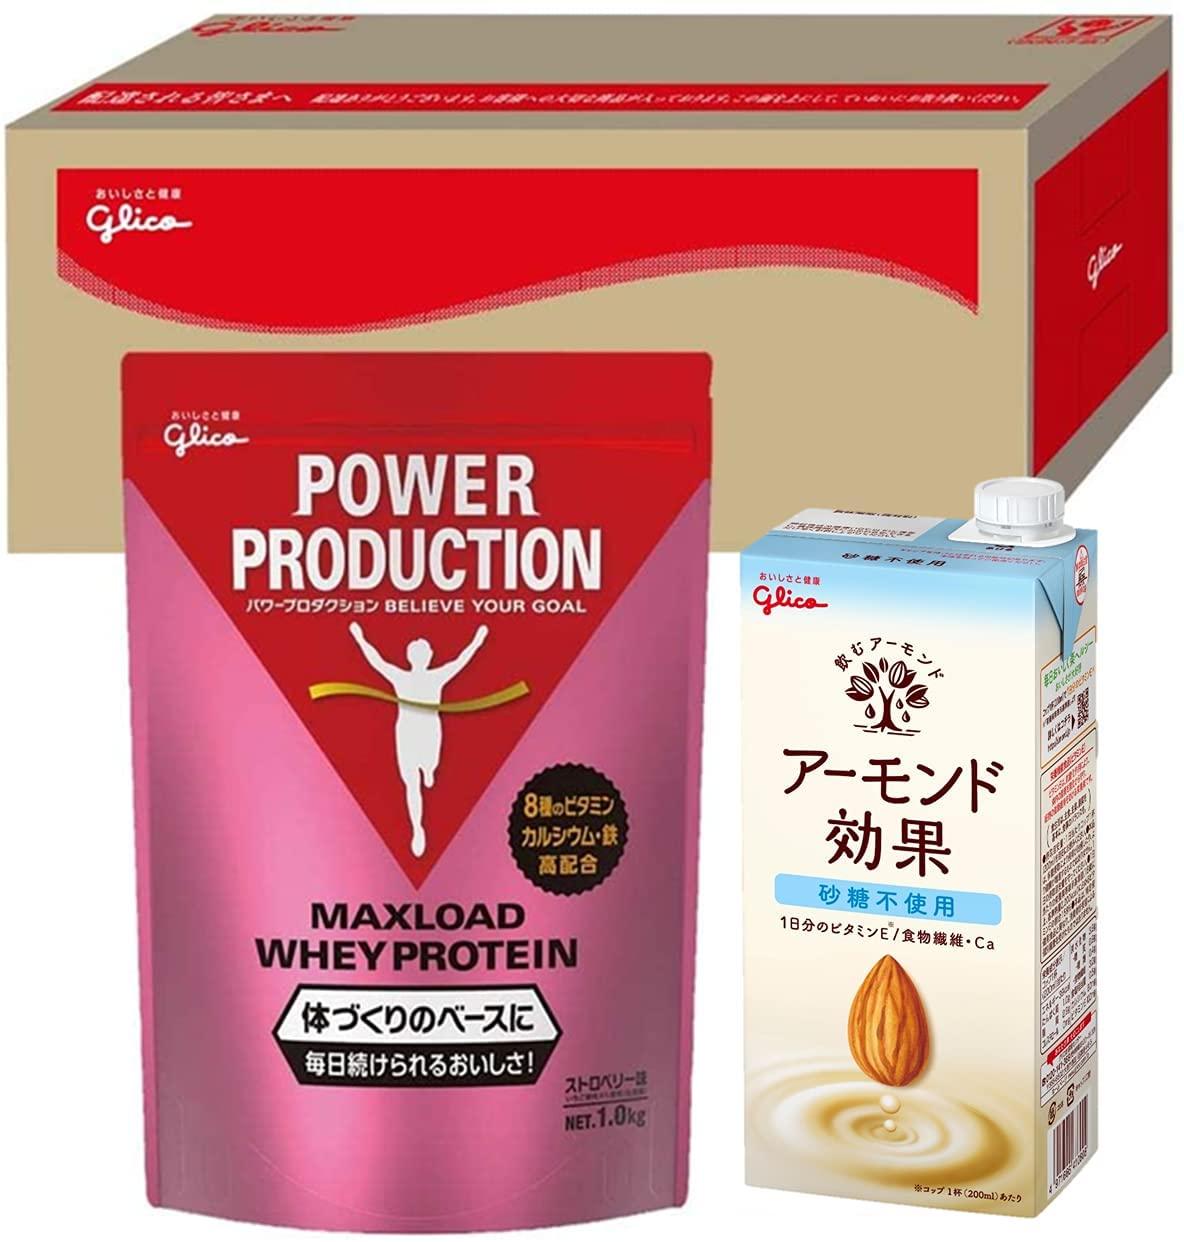 アマゾンでグリコ パワープロダクション マックスロード ホエイ プロテイン 1.0㎏とアーモンド効果 砂糖不使用 1000mlがセットで3割引。